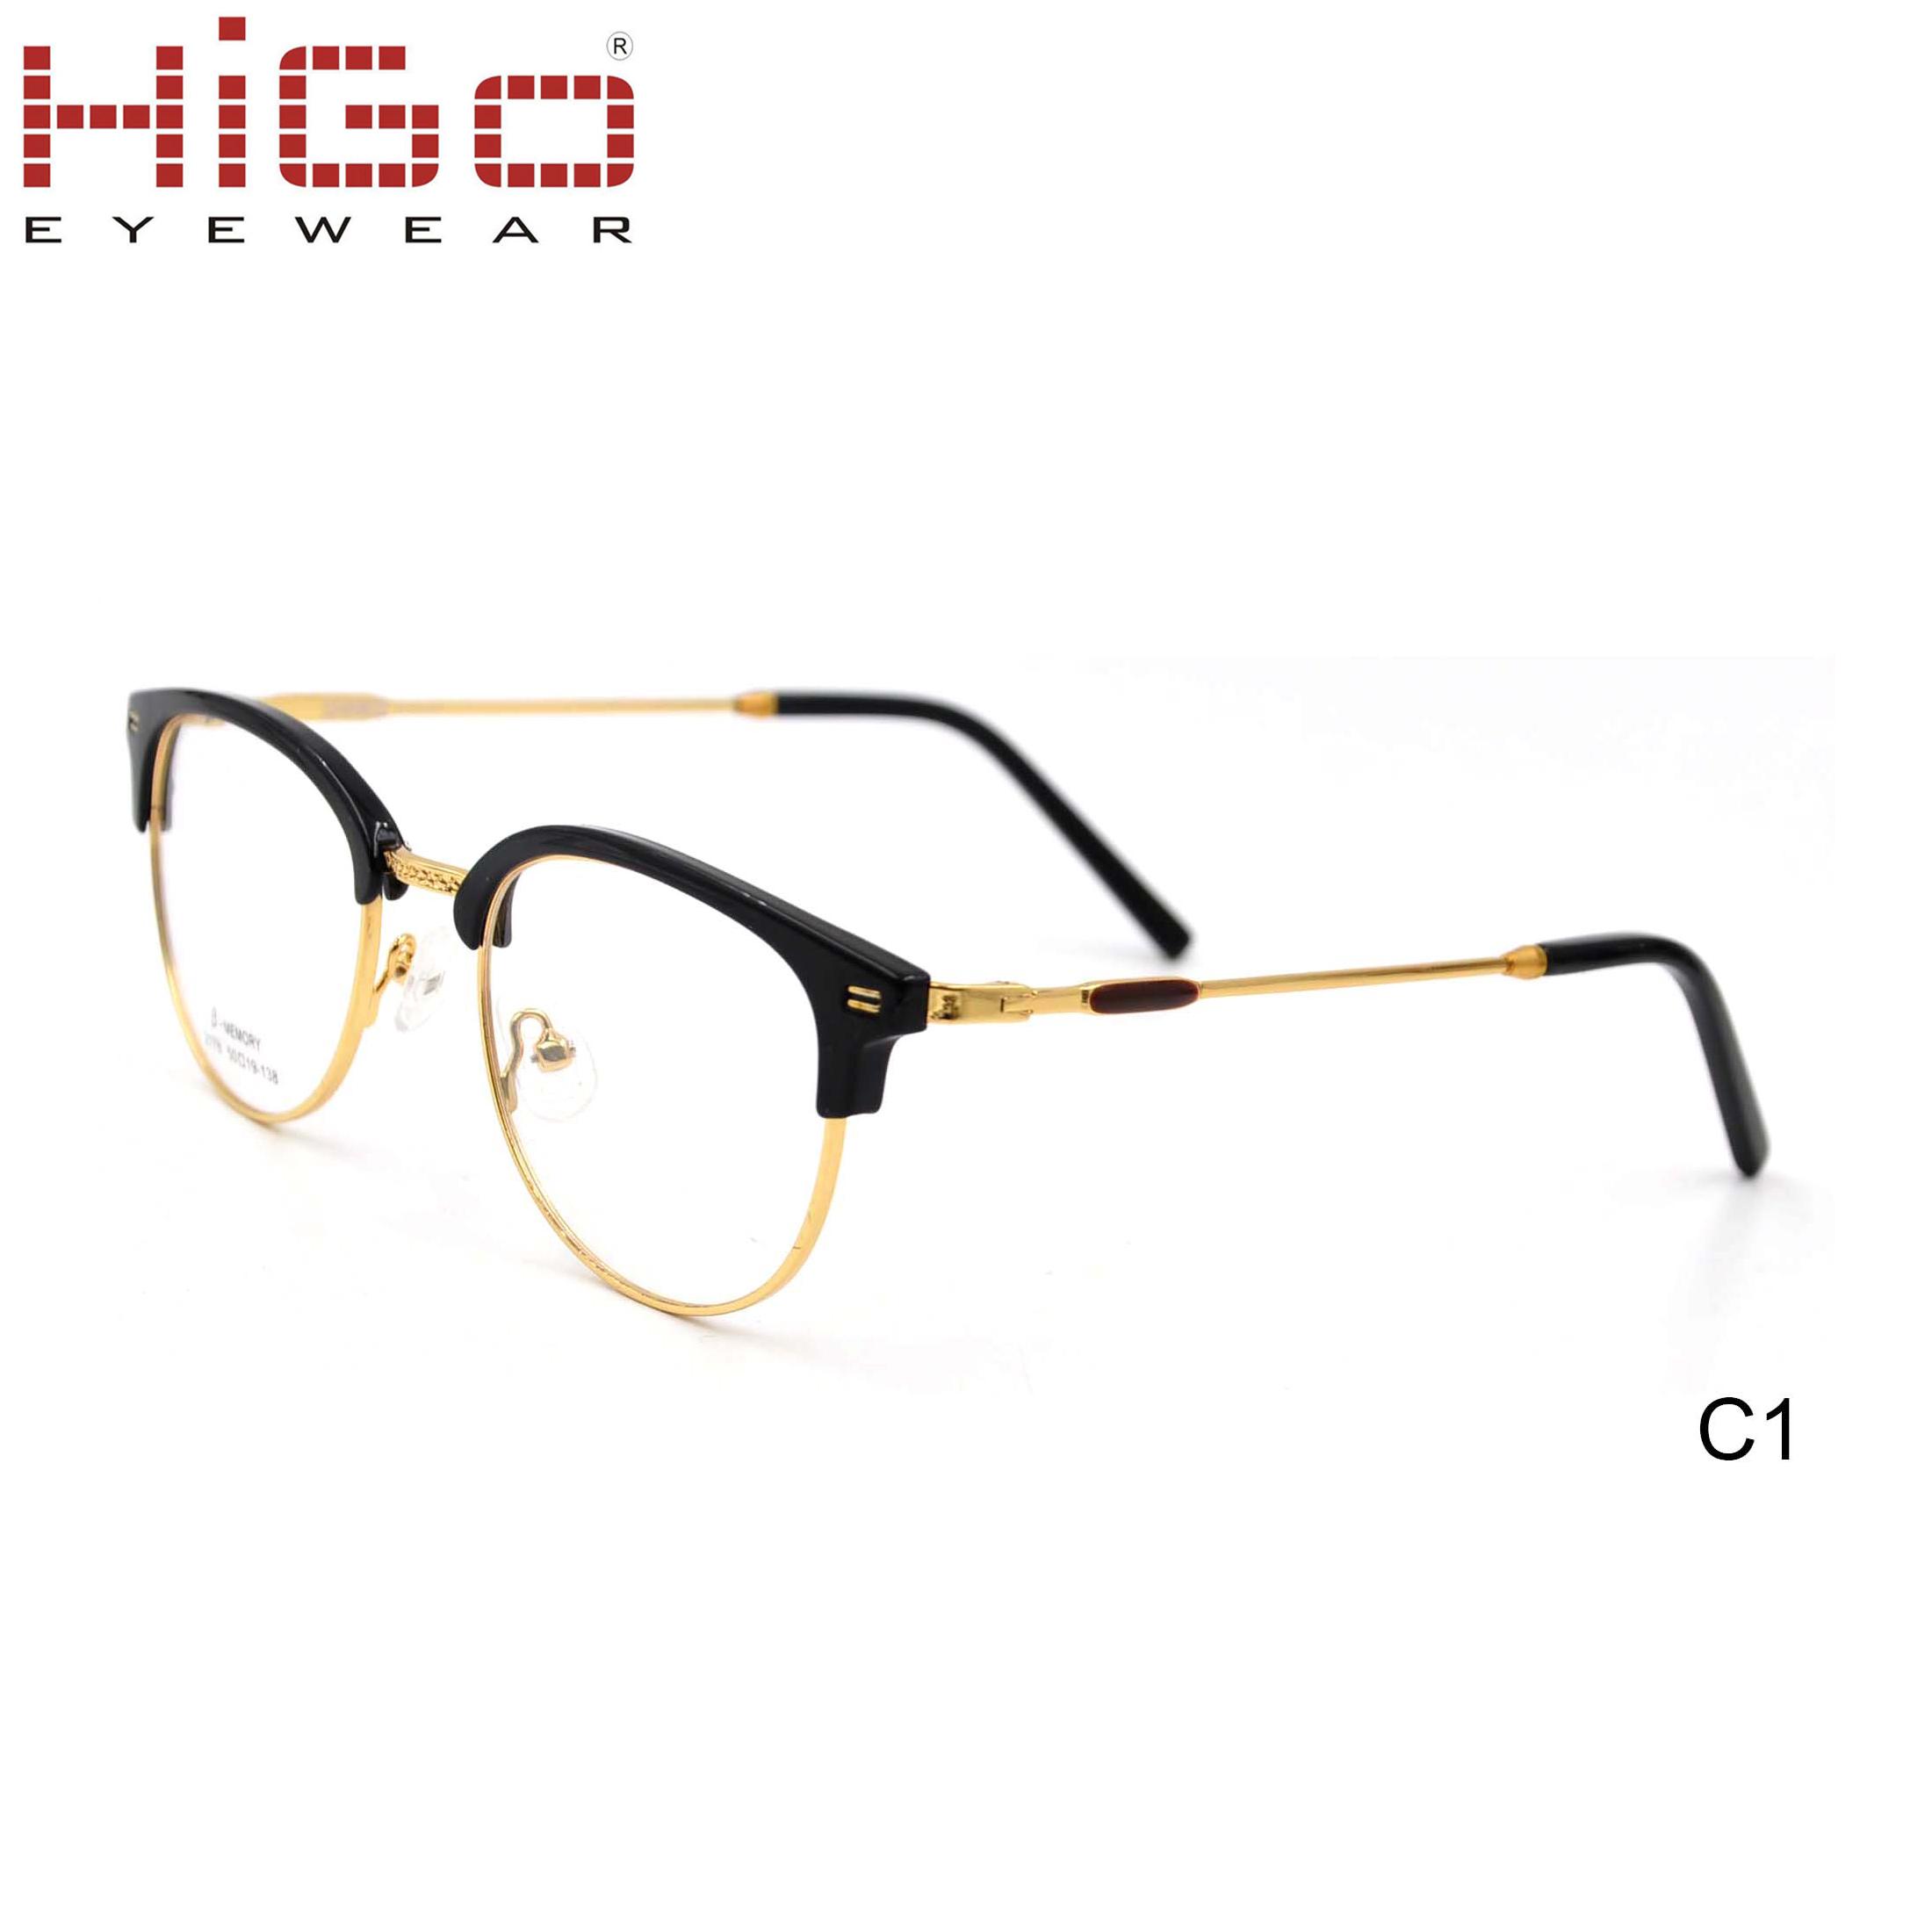 00855a71c0 Ronda gafas ópticas de las mujeres casuales gafas marcos no receta claro lentes  gafas marco óptico